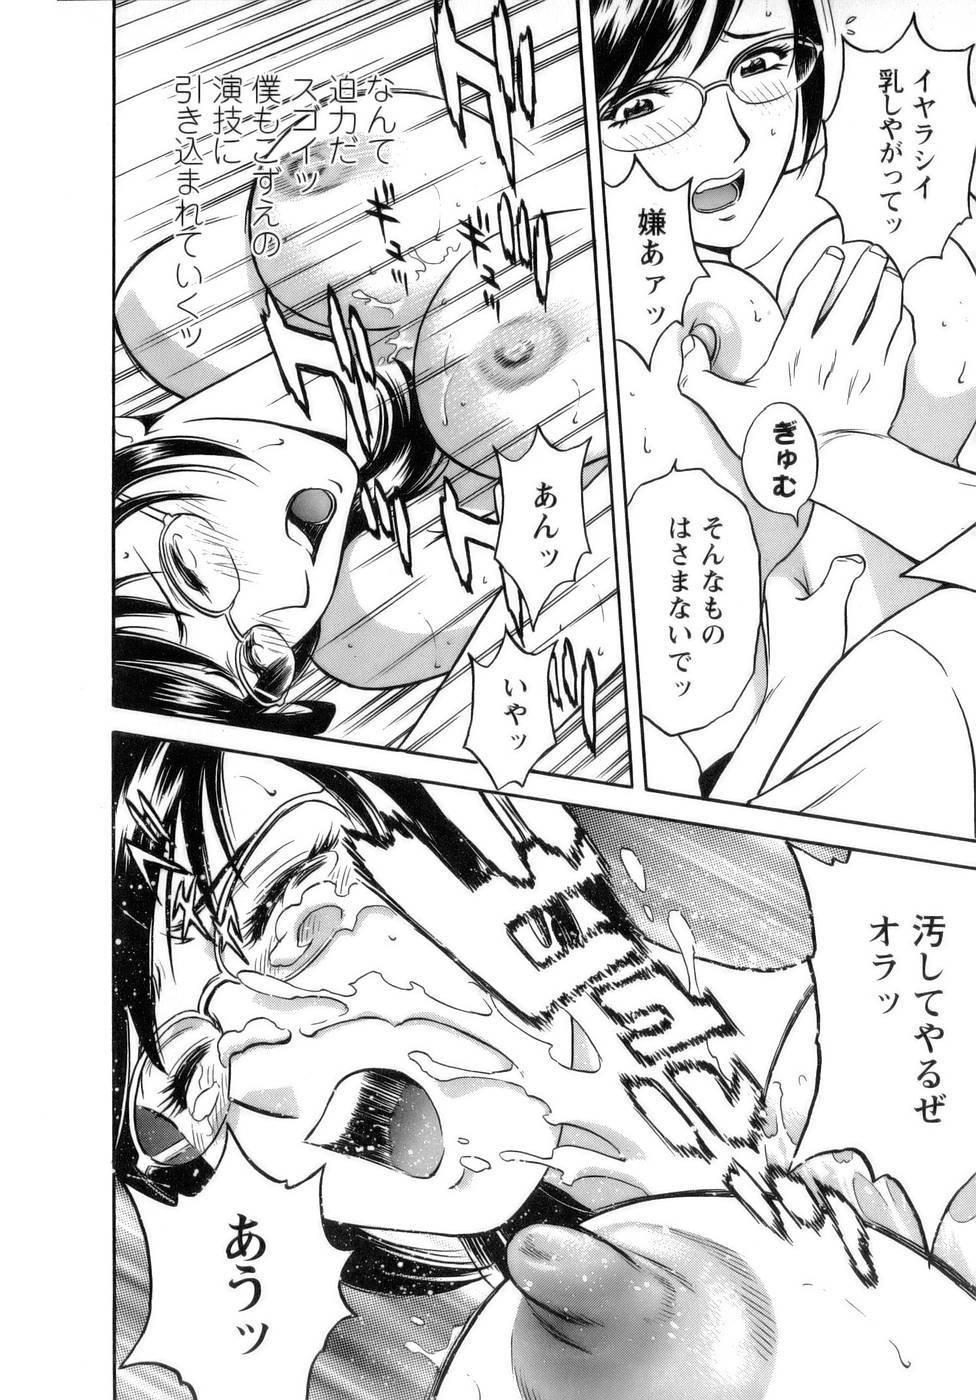 [Hidemaru] Mo-Retsu! Boin Sensei (Boing Boing Teacher) Vol.1 24